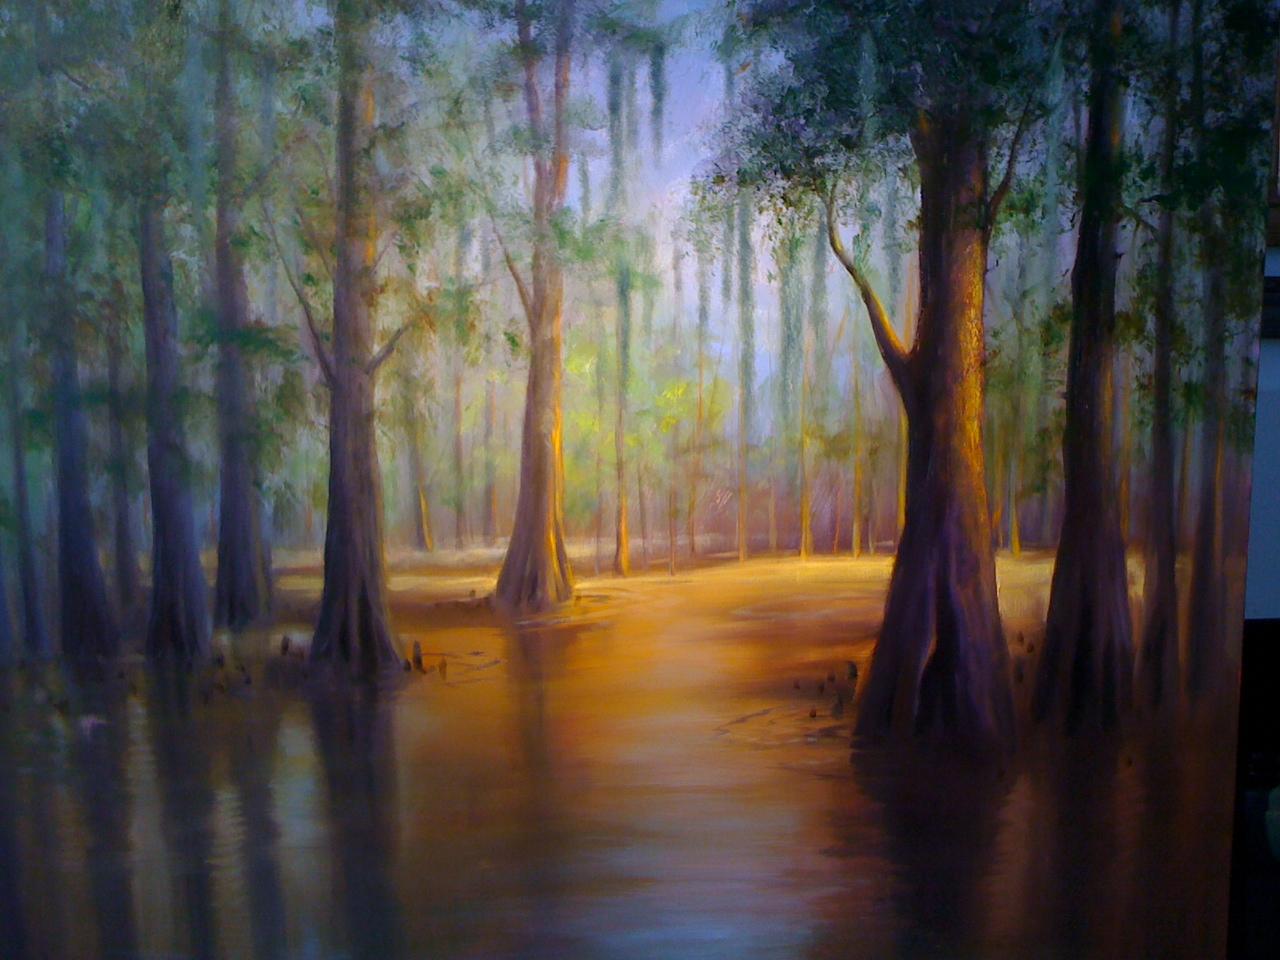 Louisiana Art At The Swamp